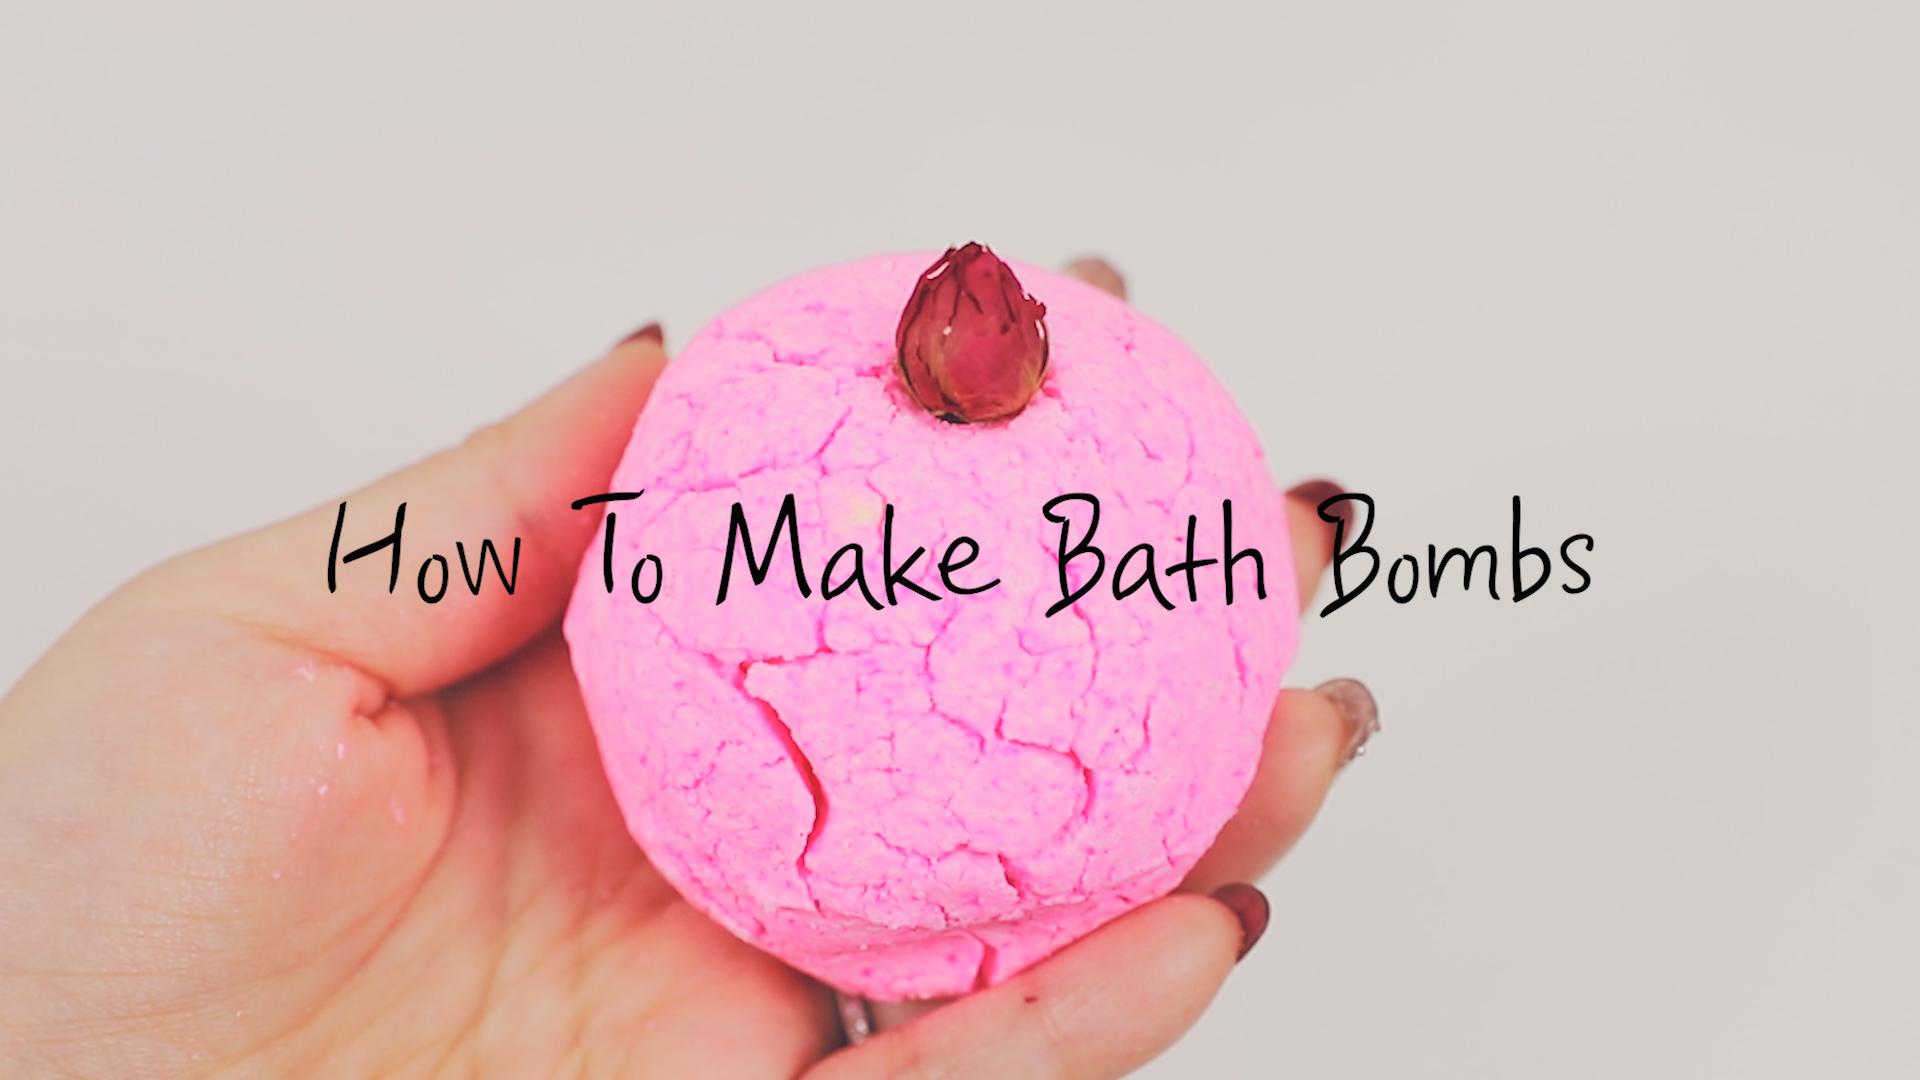 [1분팁]입욕제만들기 How To Make Bath Bombs